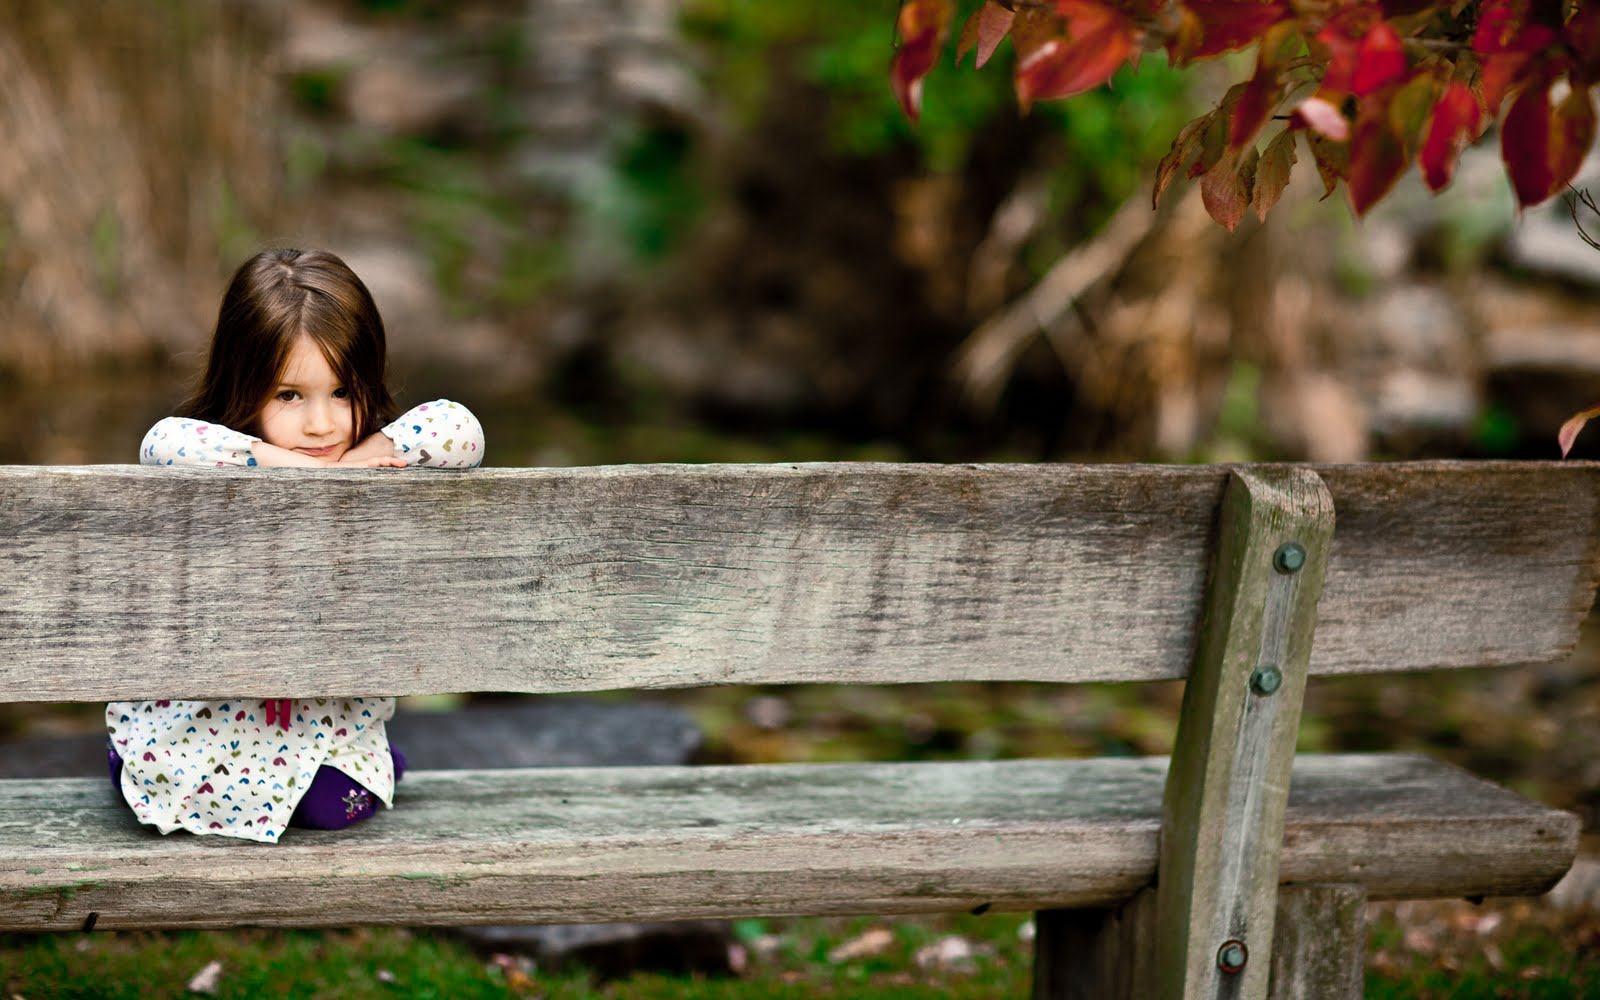 مجموعة صور مكتوب عليها عبارات محزنة للبنات 2019,صور بنات حزينة رومانسية , صور عليها كلمات و جمل حزينة 2019_1390307717_607.